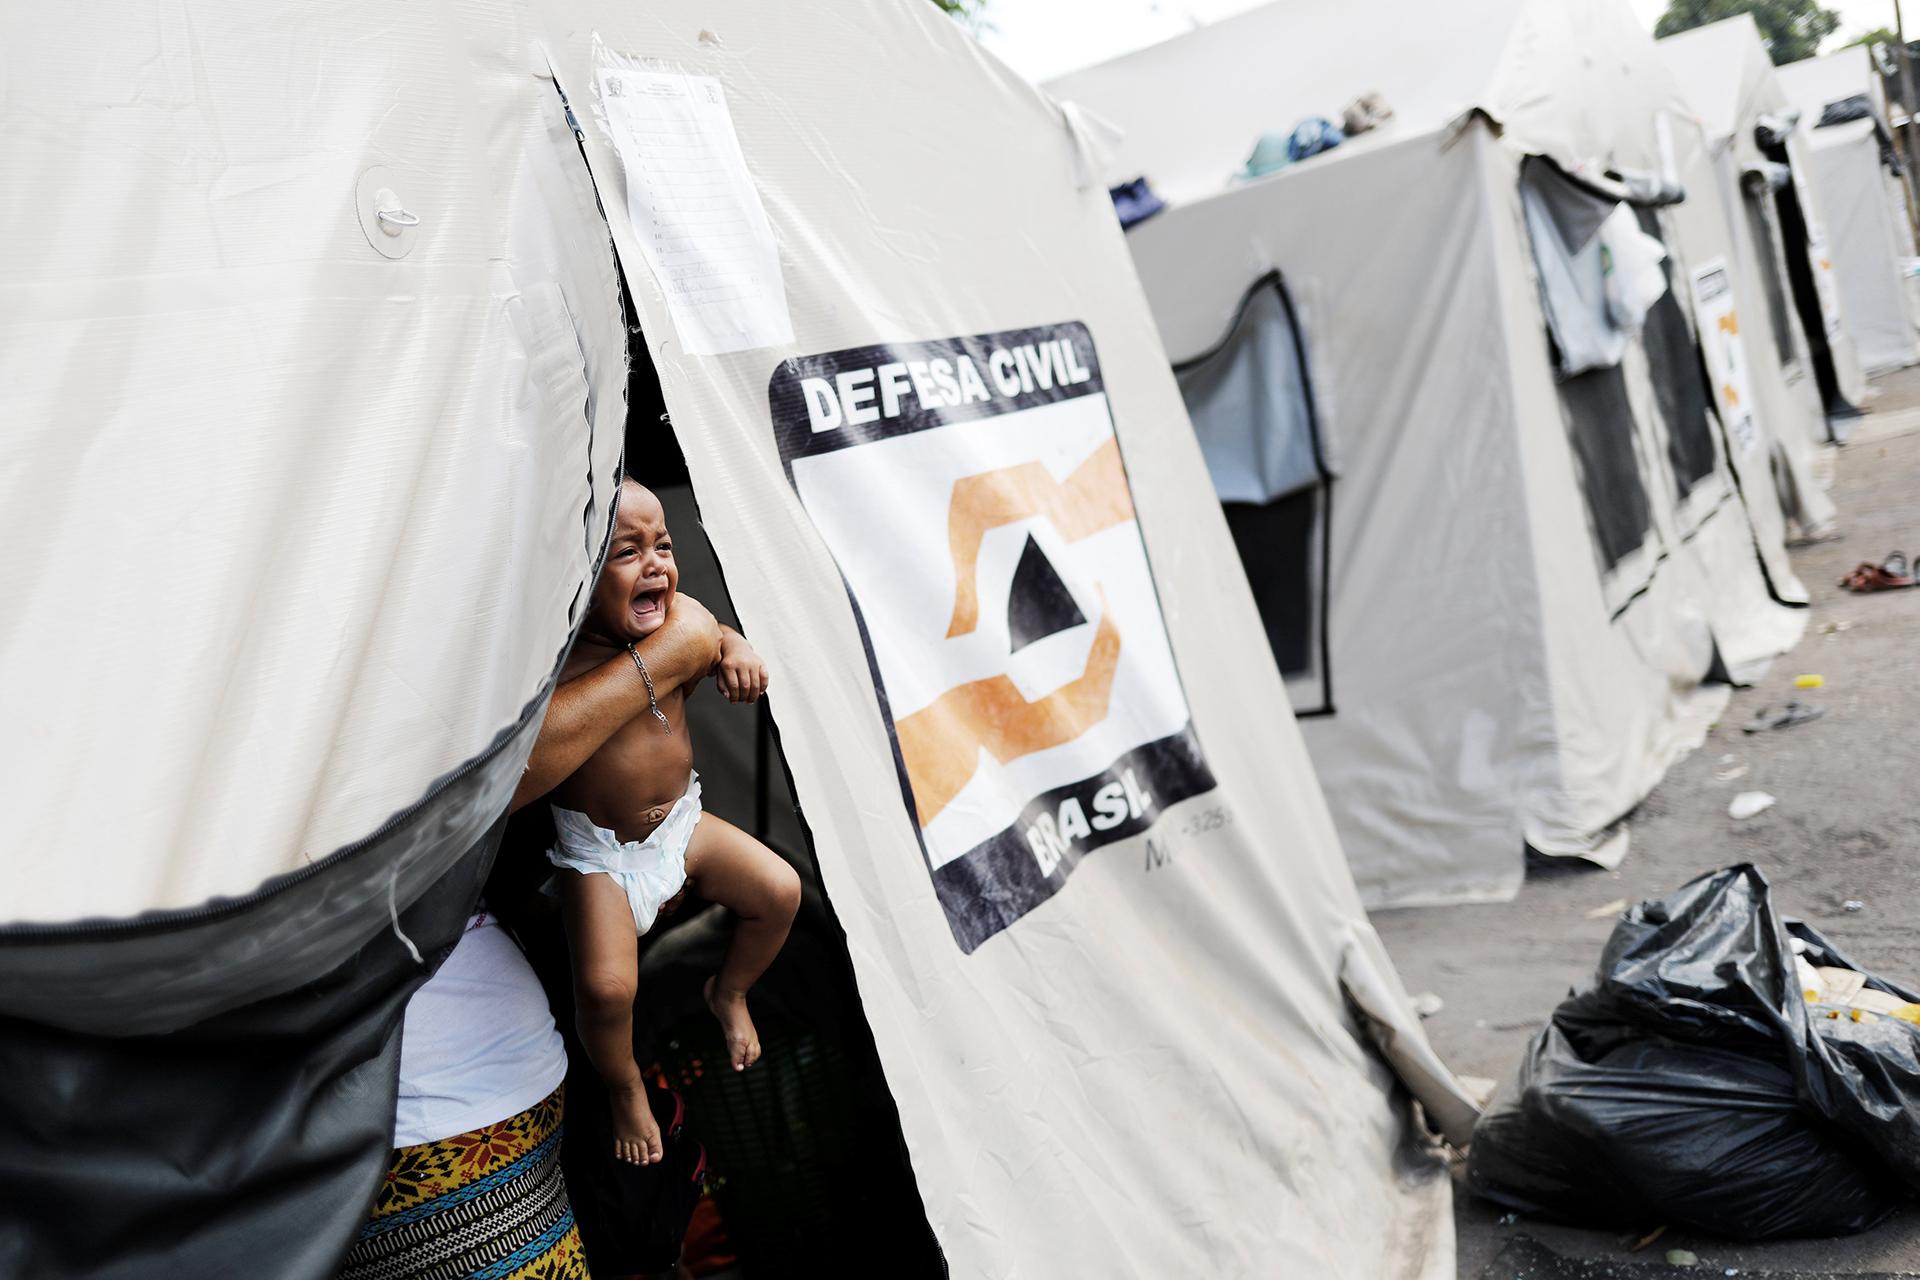 Un bebé llora en una de las carpas de refugiados venezolanos (REUTERS)